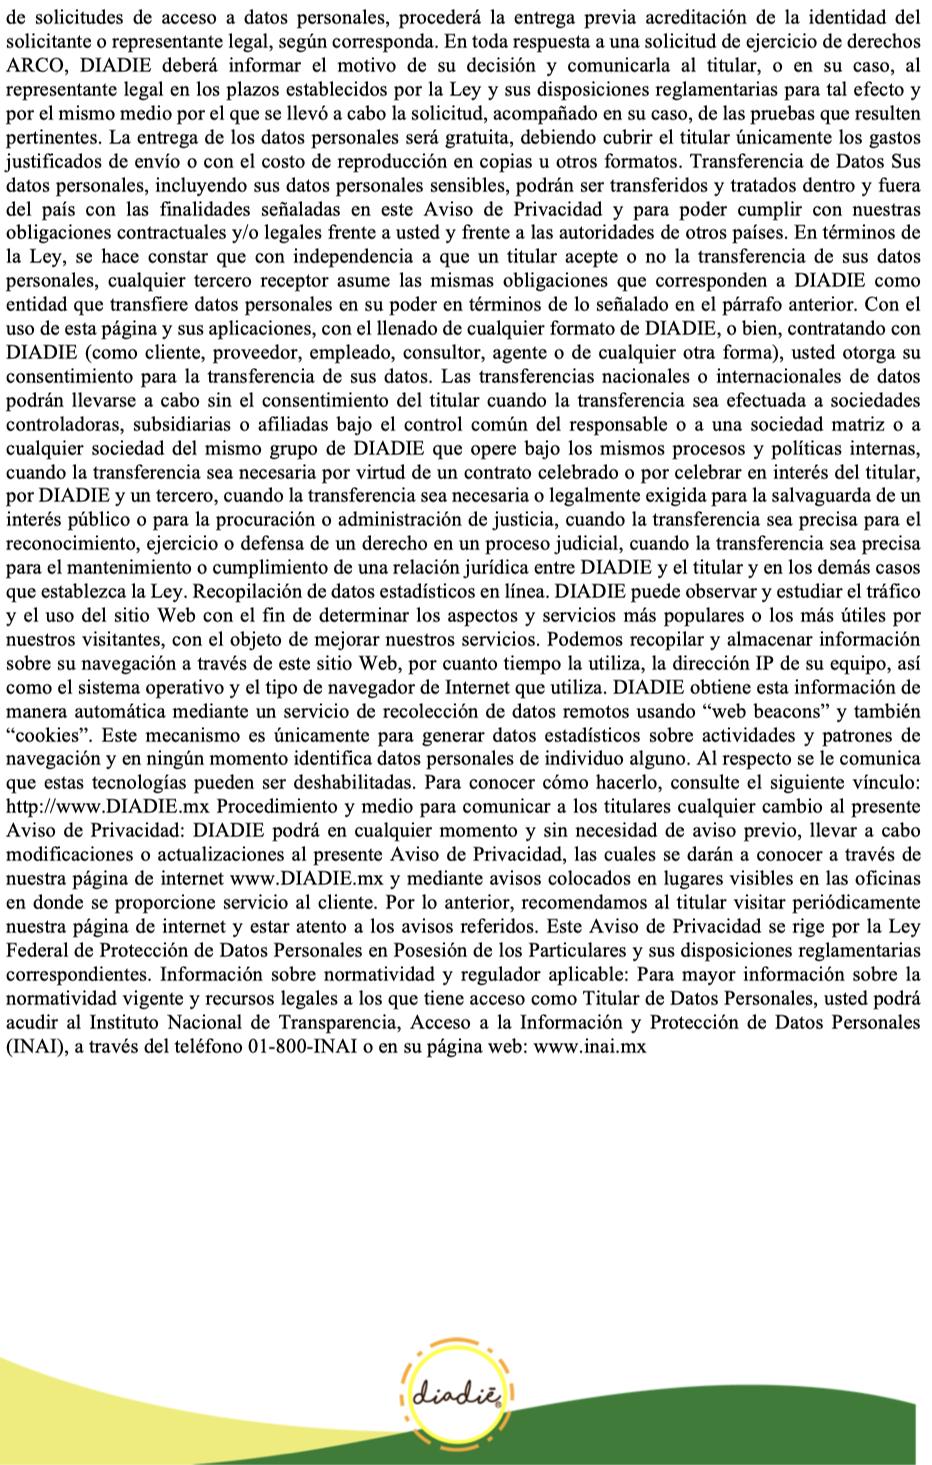 AVISO DE PRIVACIDAD HOJA2